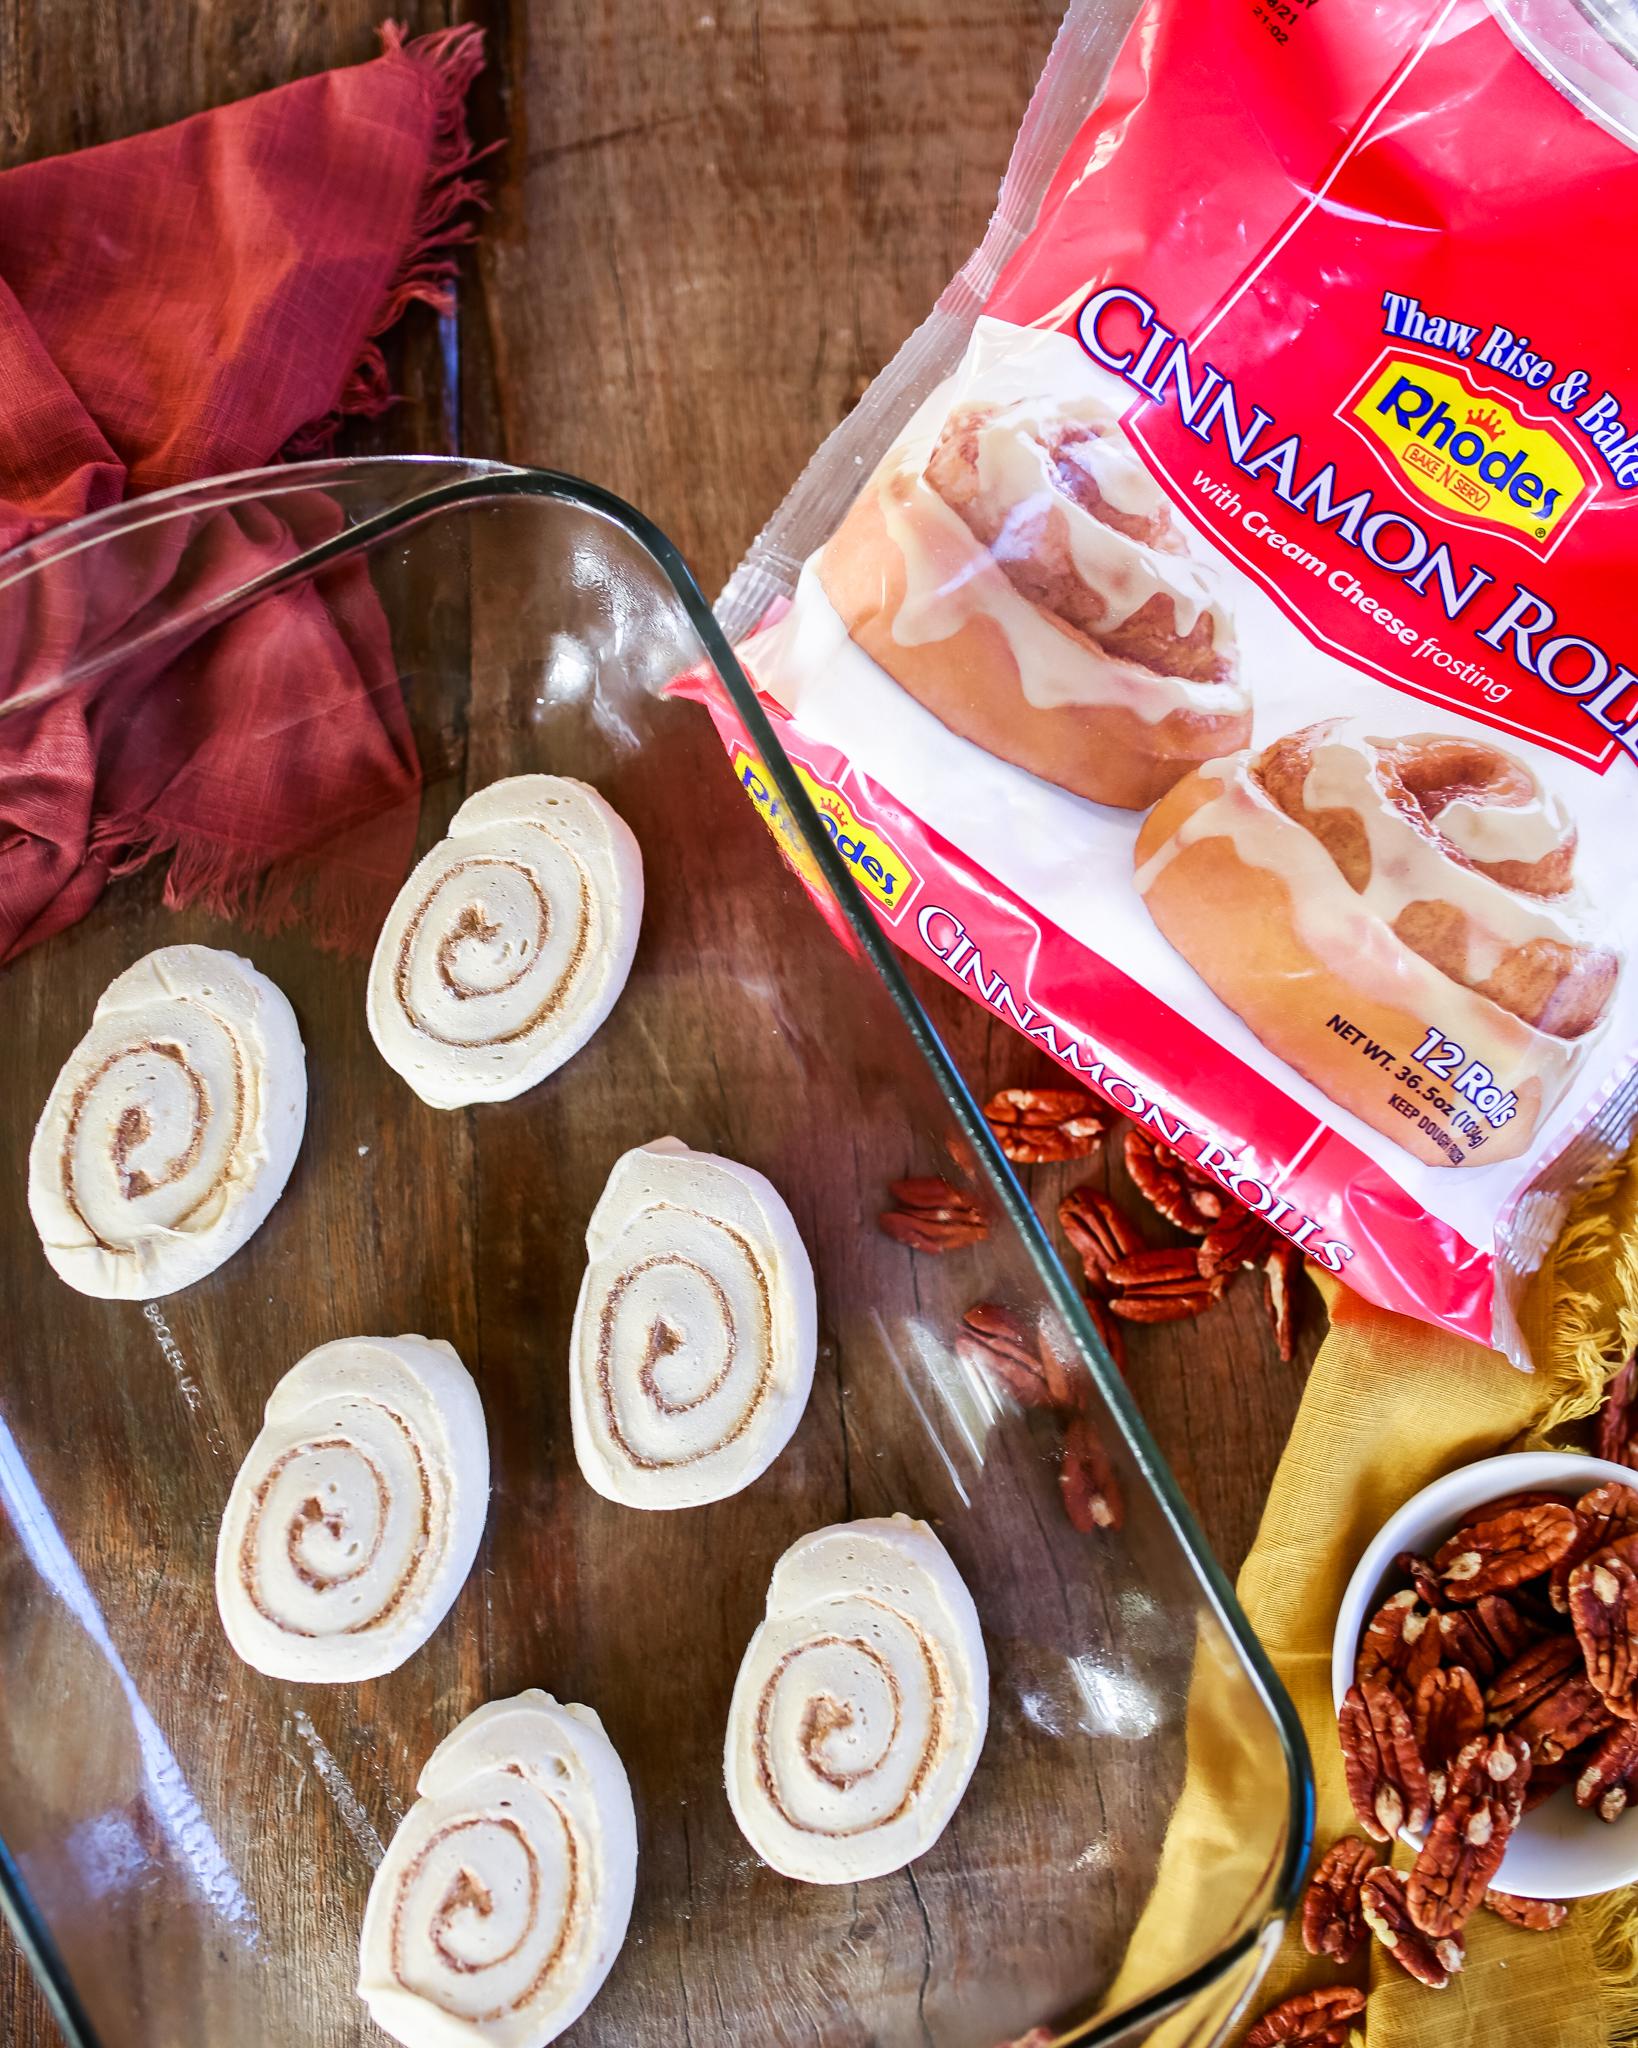 Rhodes Bake n Serve Cinnamon Rolls are incredible!